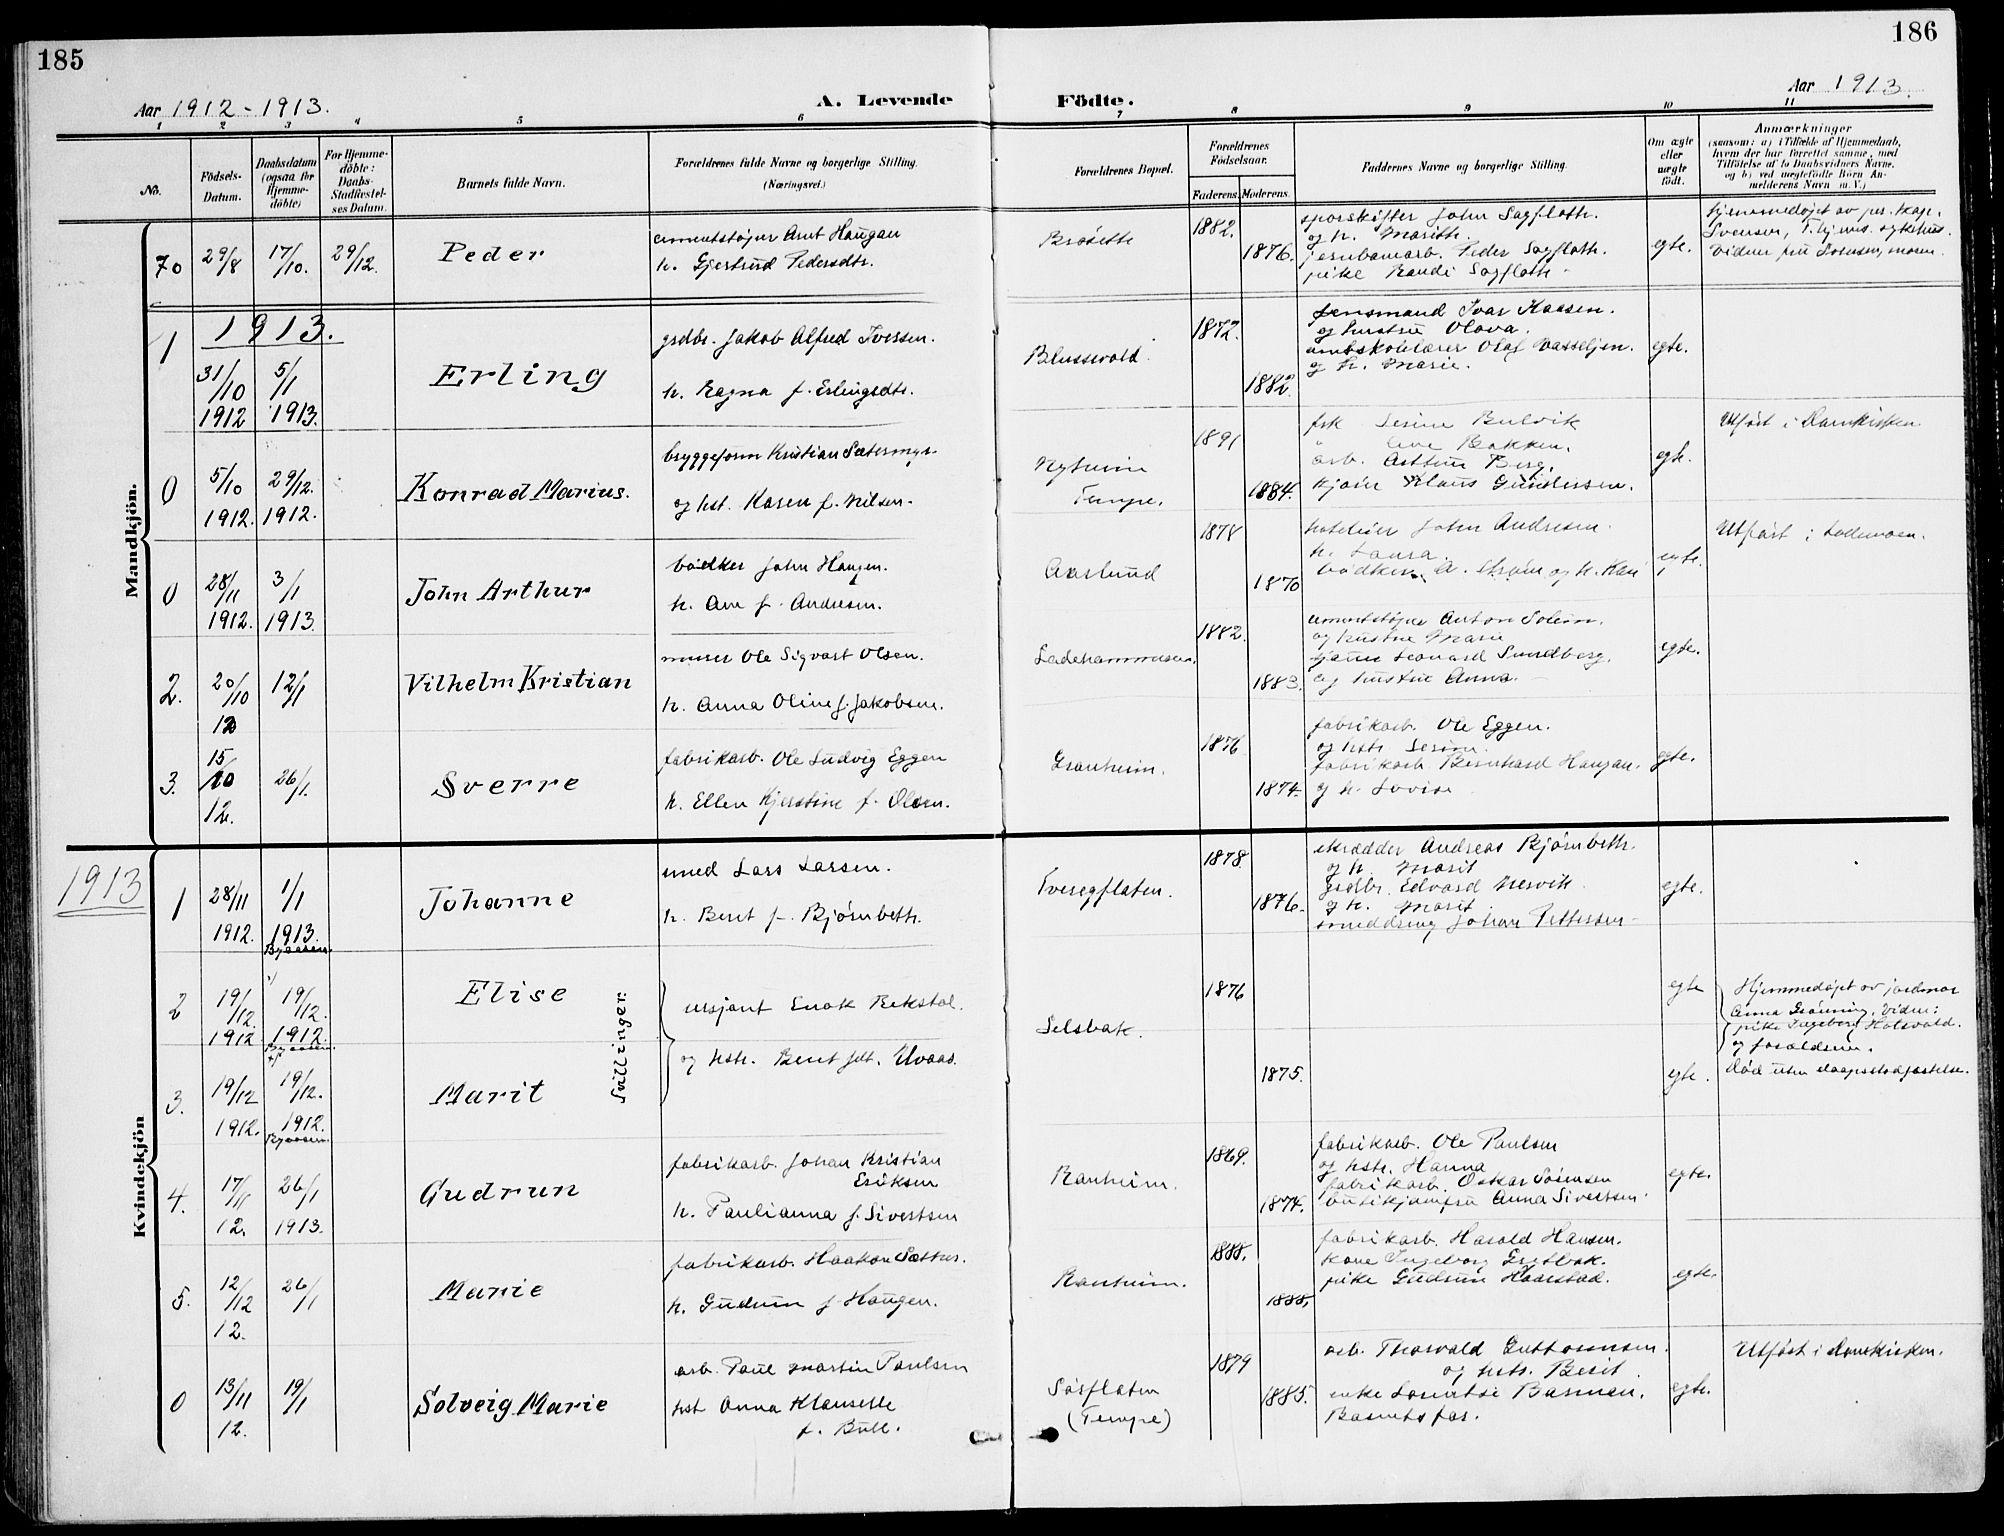 SAT, Ministerialprotokoller, klokkerbøker og fødselsregistre - Sør-Trøndelag, 607/L0320: Ministerialbok nr. 607A04, 1907-1915, s. 185-186